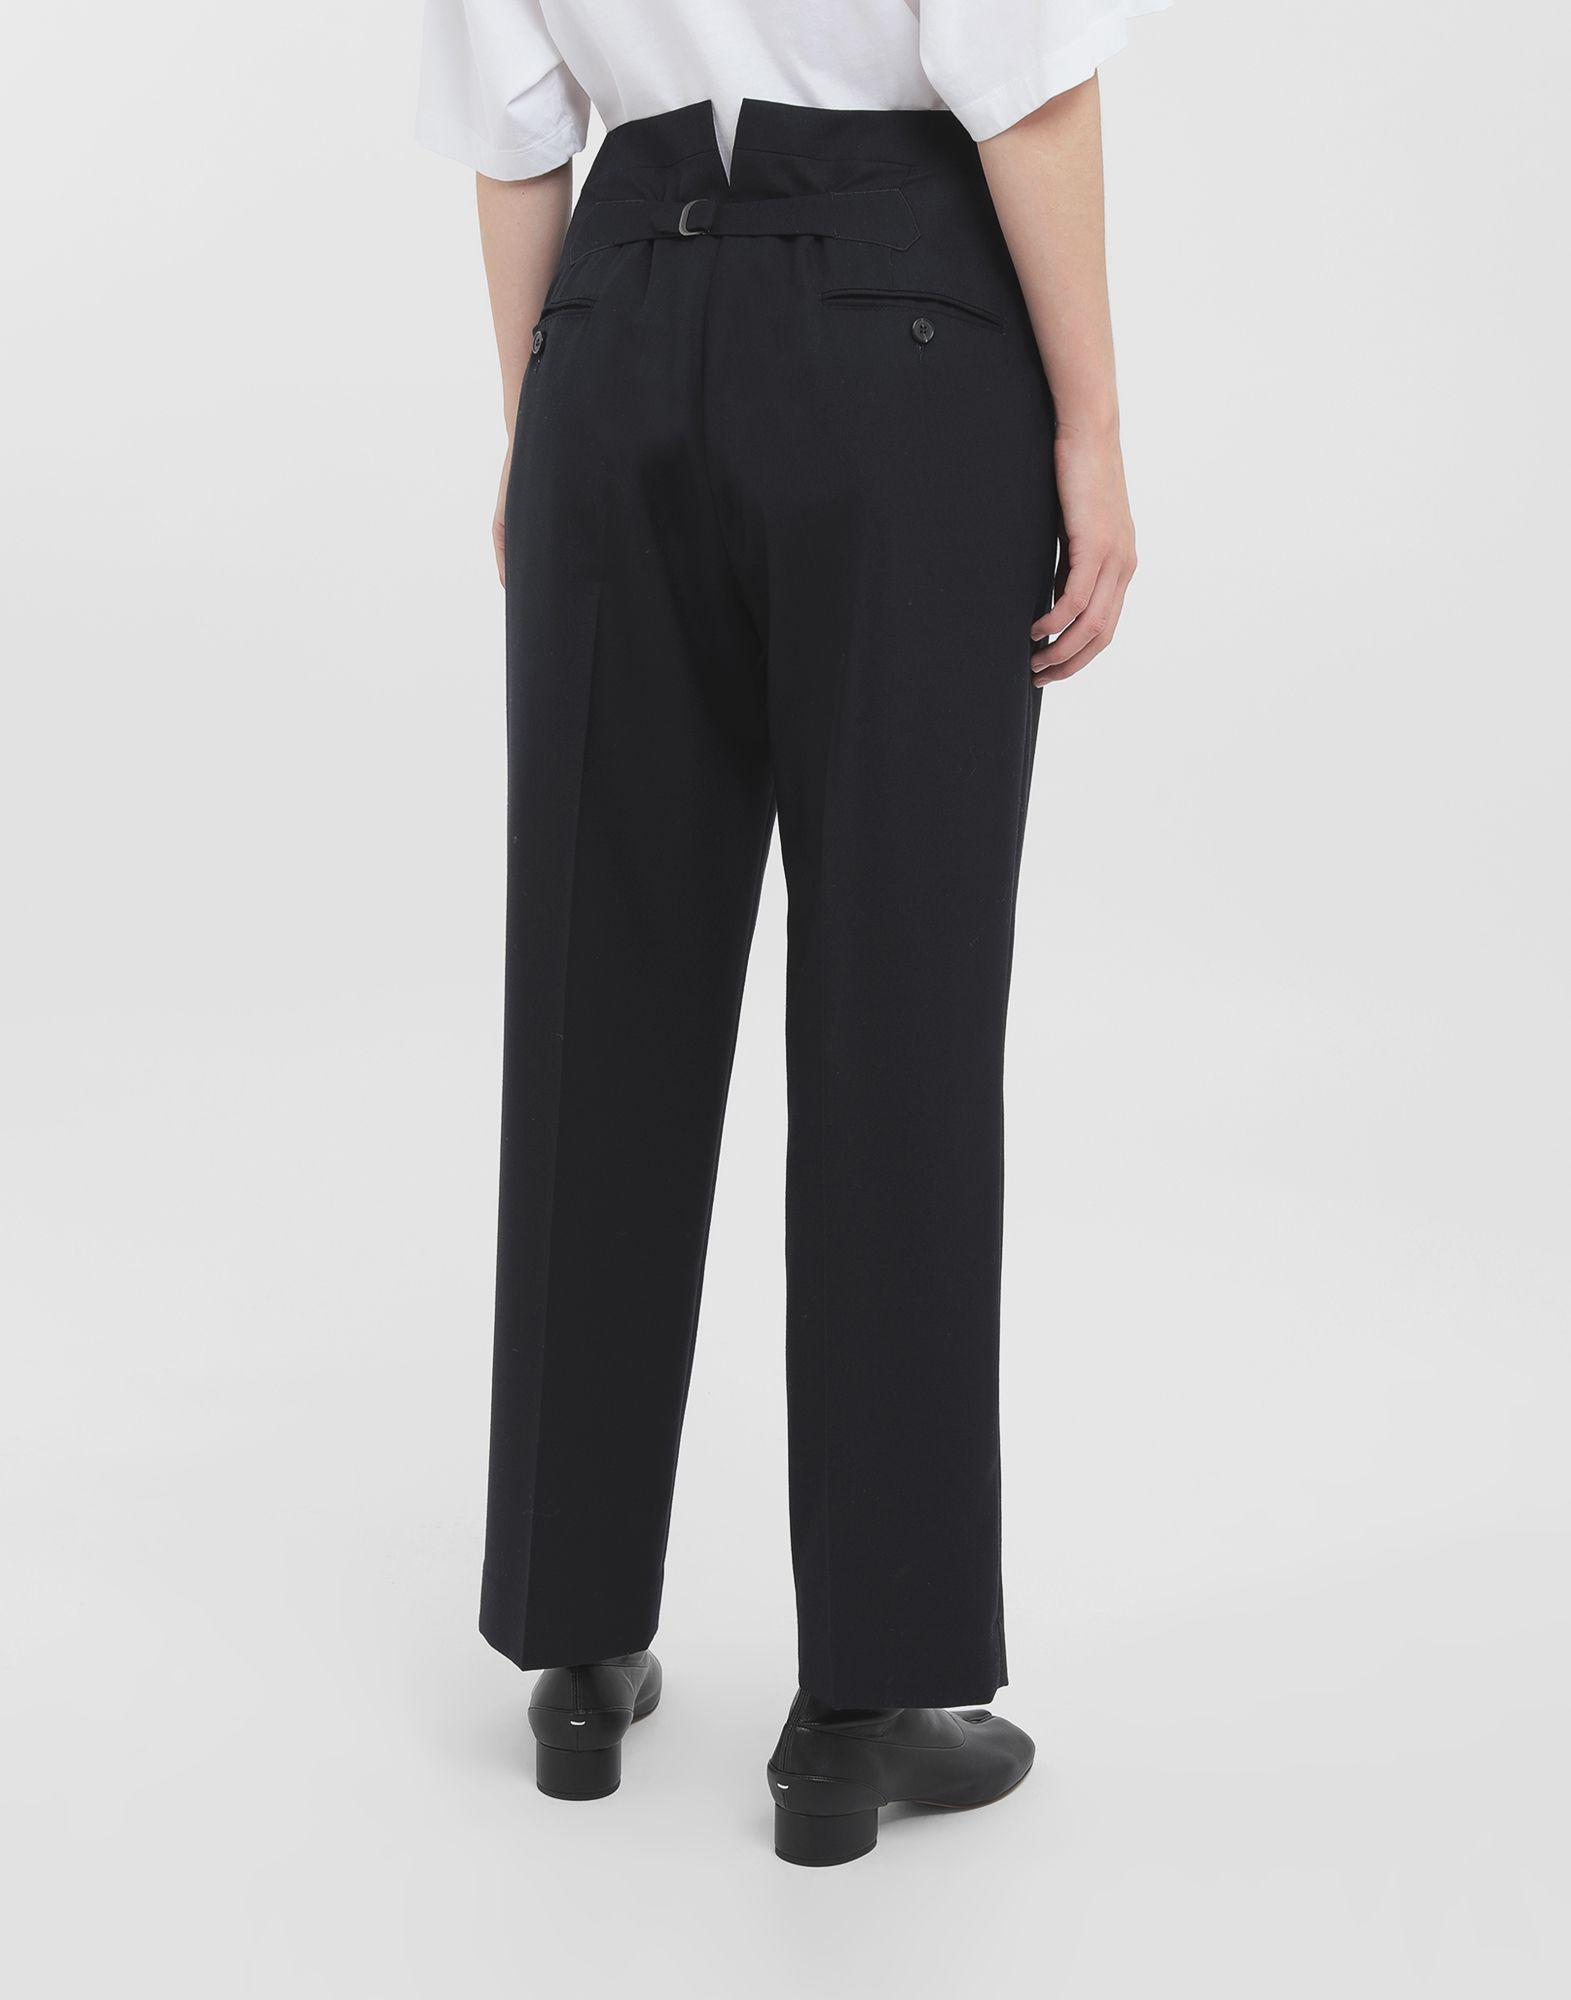 MAISON MARGIELA Tailored pants Casual pants Woman d